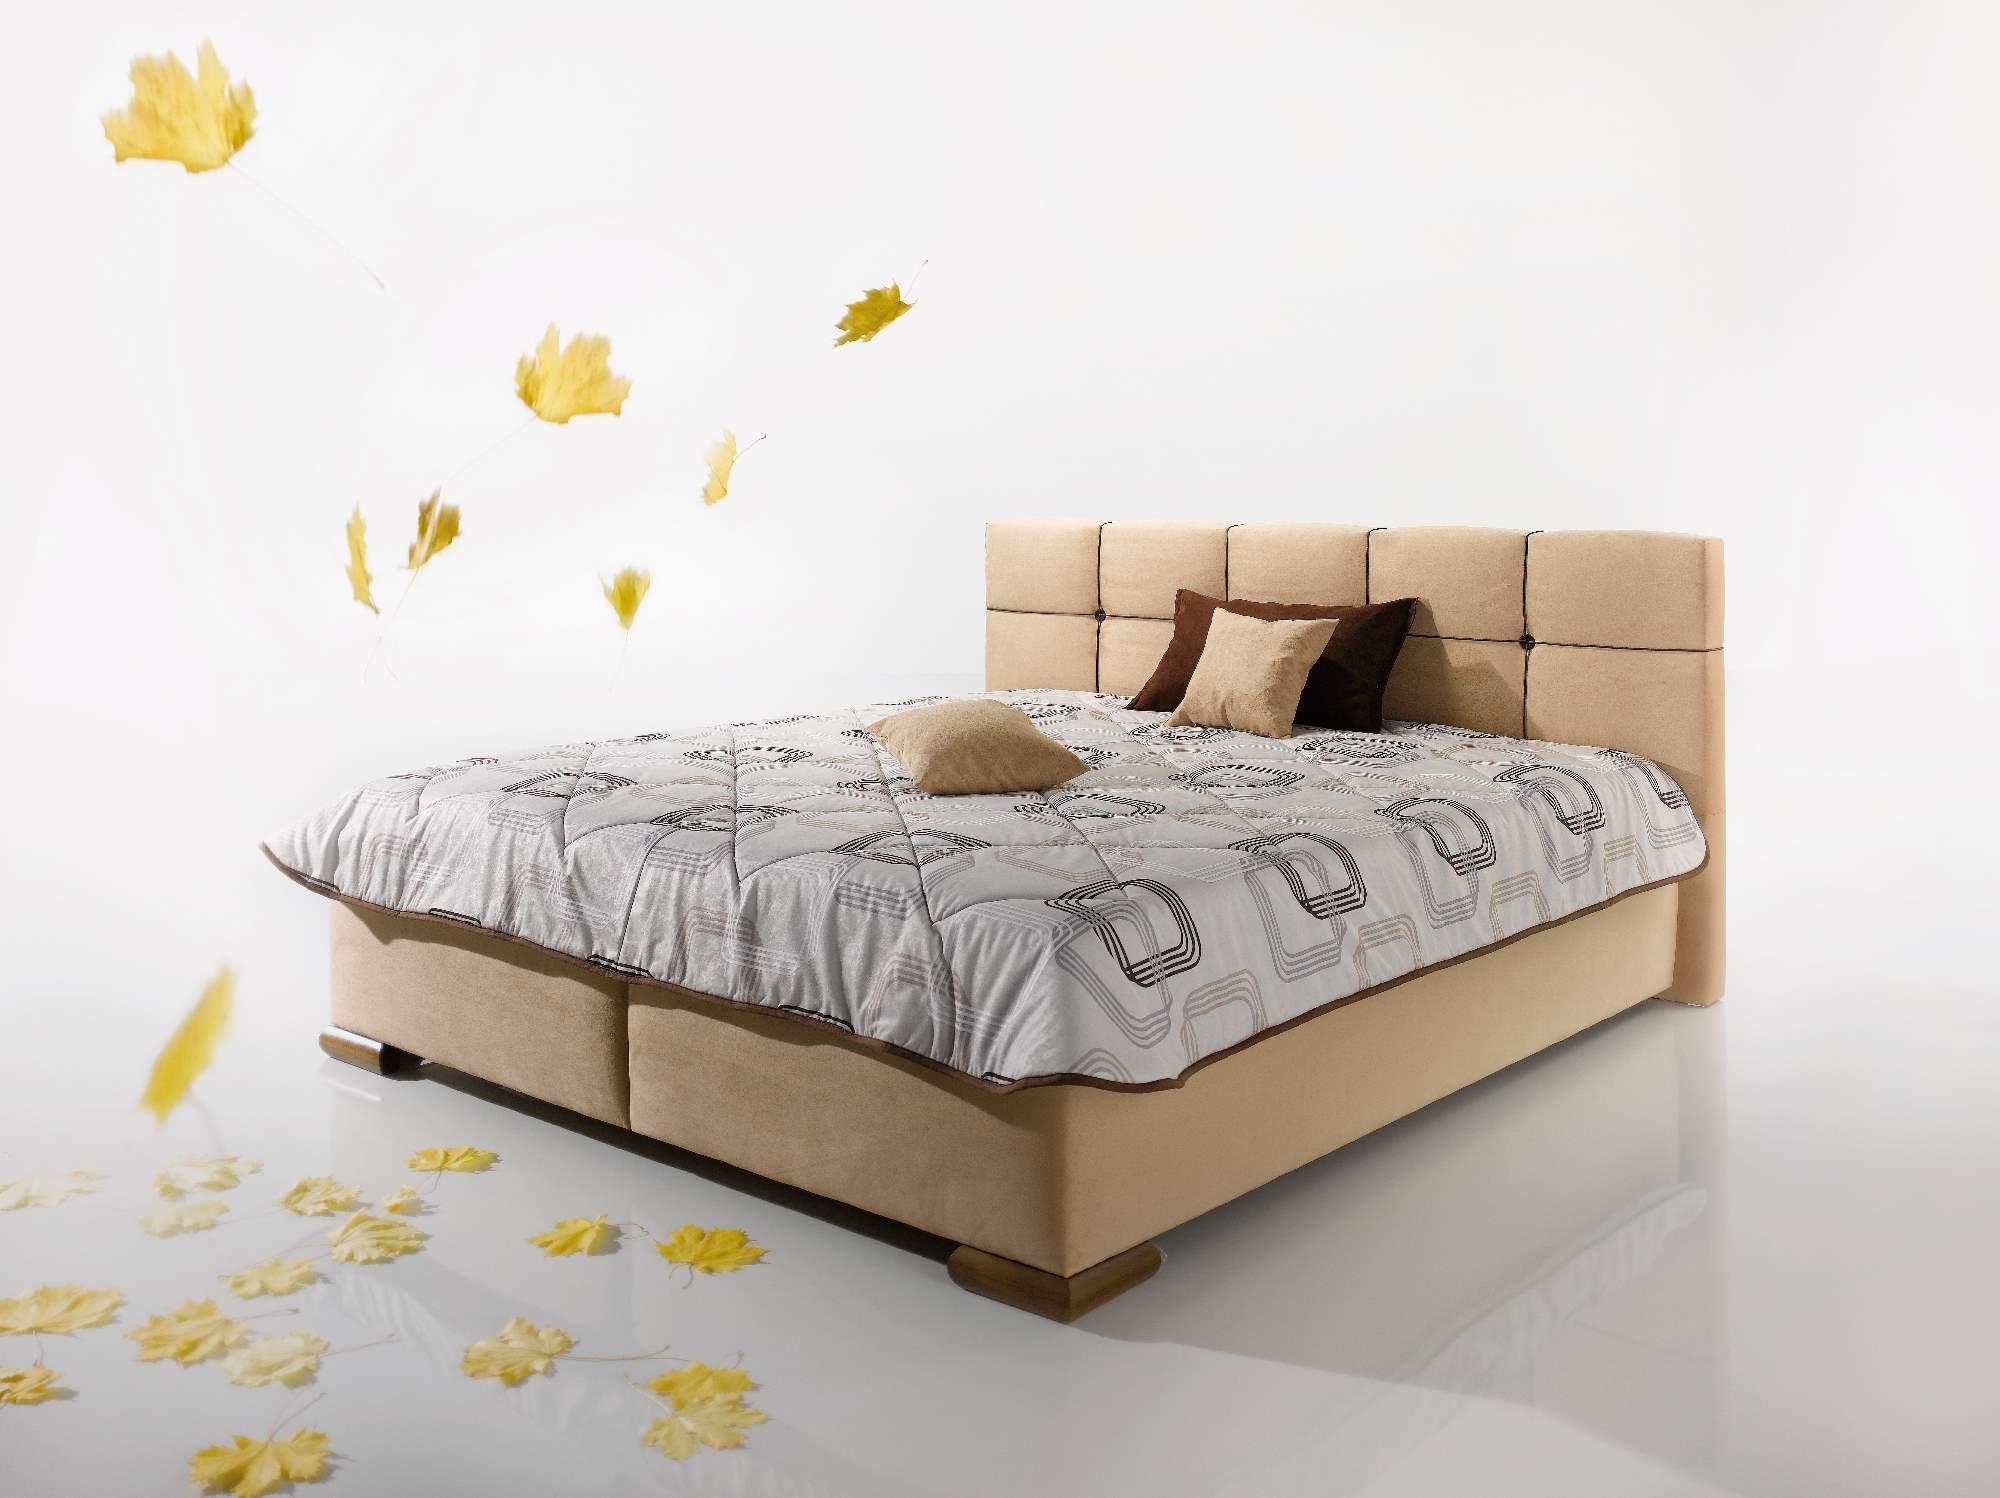 ArtND Manželská posteľ Lastra 180 Varianta: s roštom ND4 / bez matraca